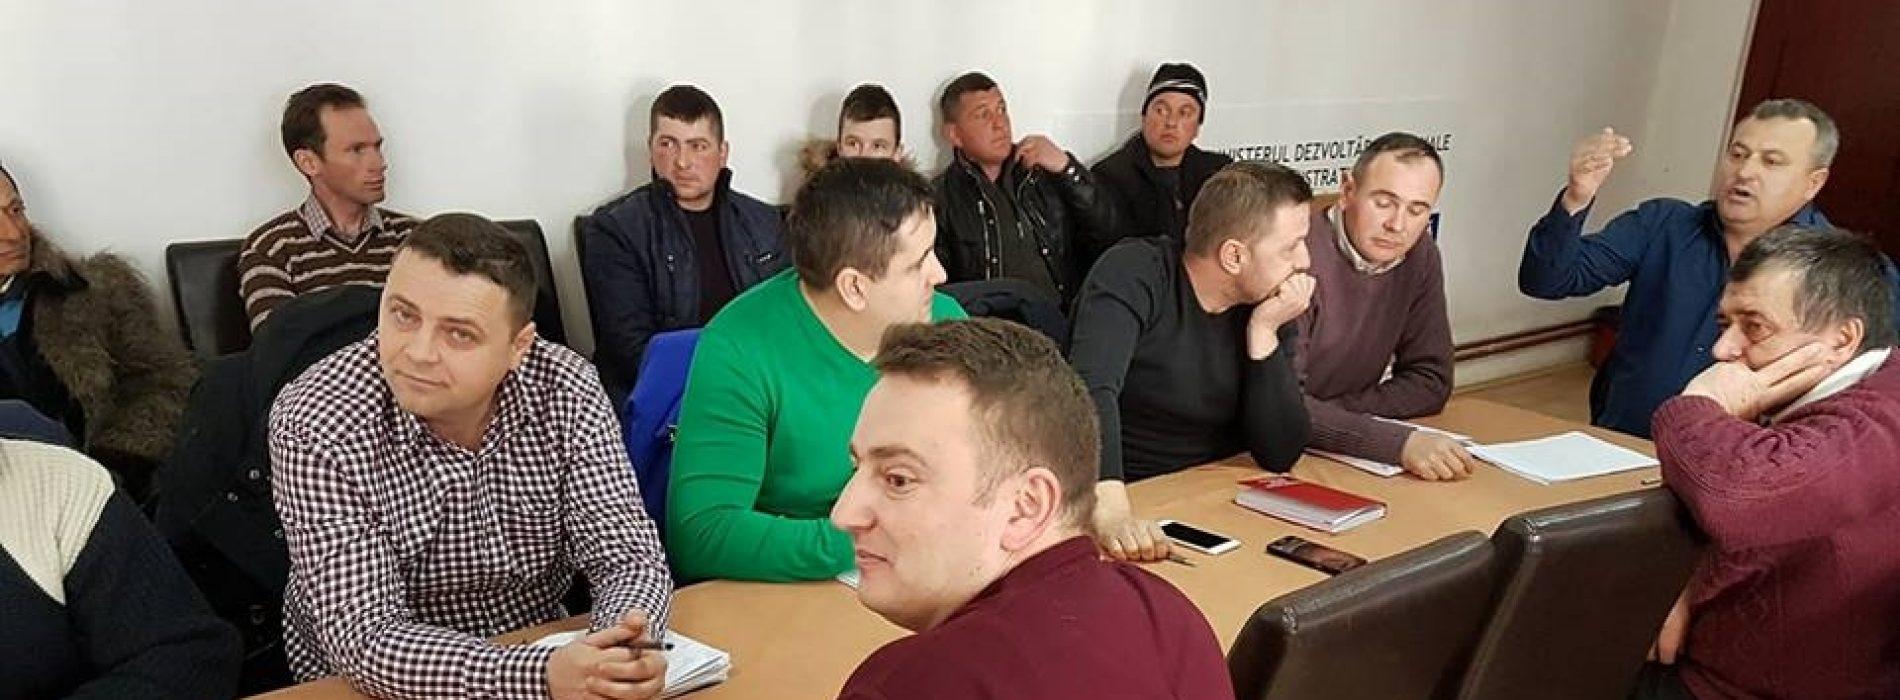 VIDEO. VICTORIE împotriva MAFIEI primarului Liviu Tămaș la Budești, a consilierilor PNL și PMP